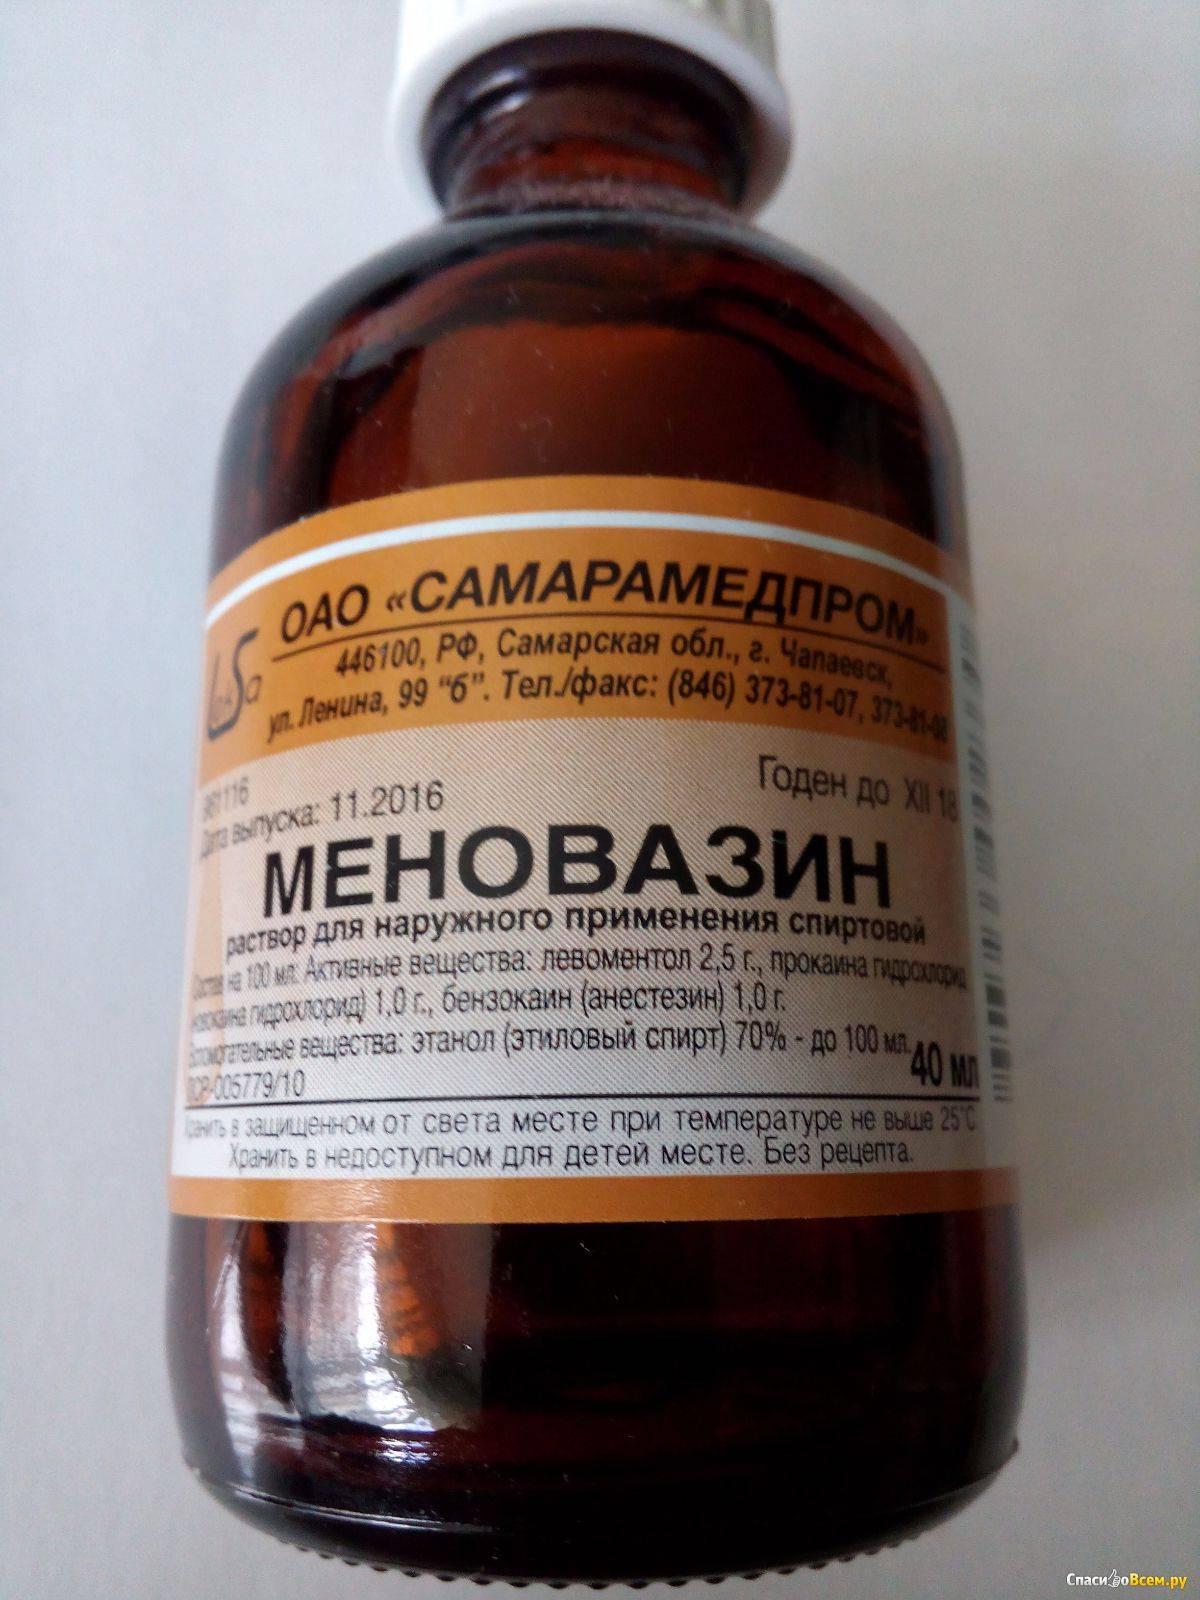 От чего помогает меновазин, что лечит? меновазин-раствор – состав, показания к применению, применение